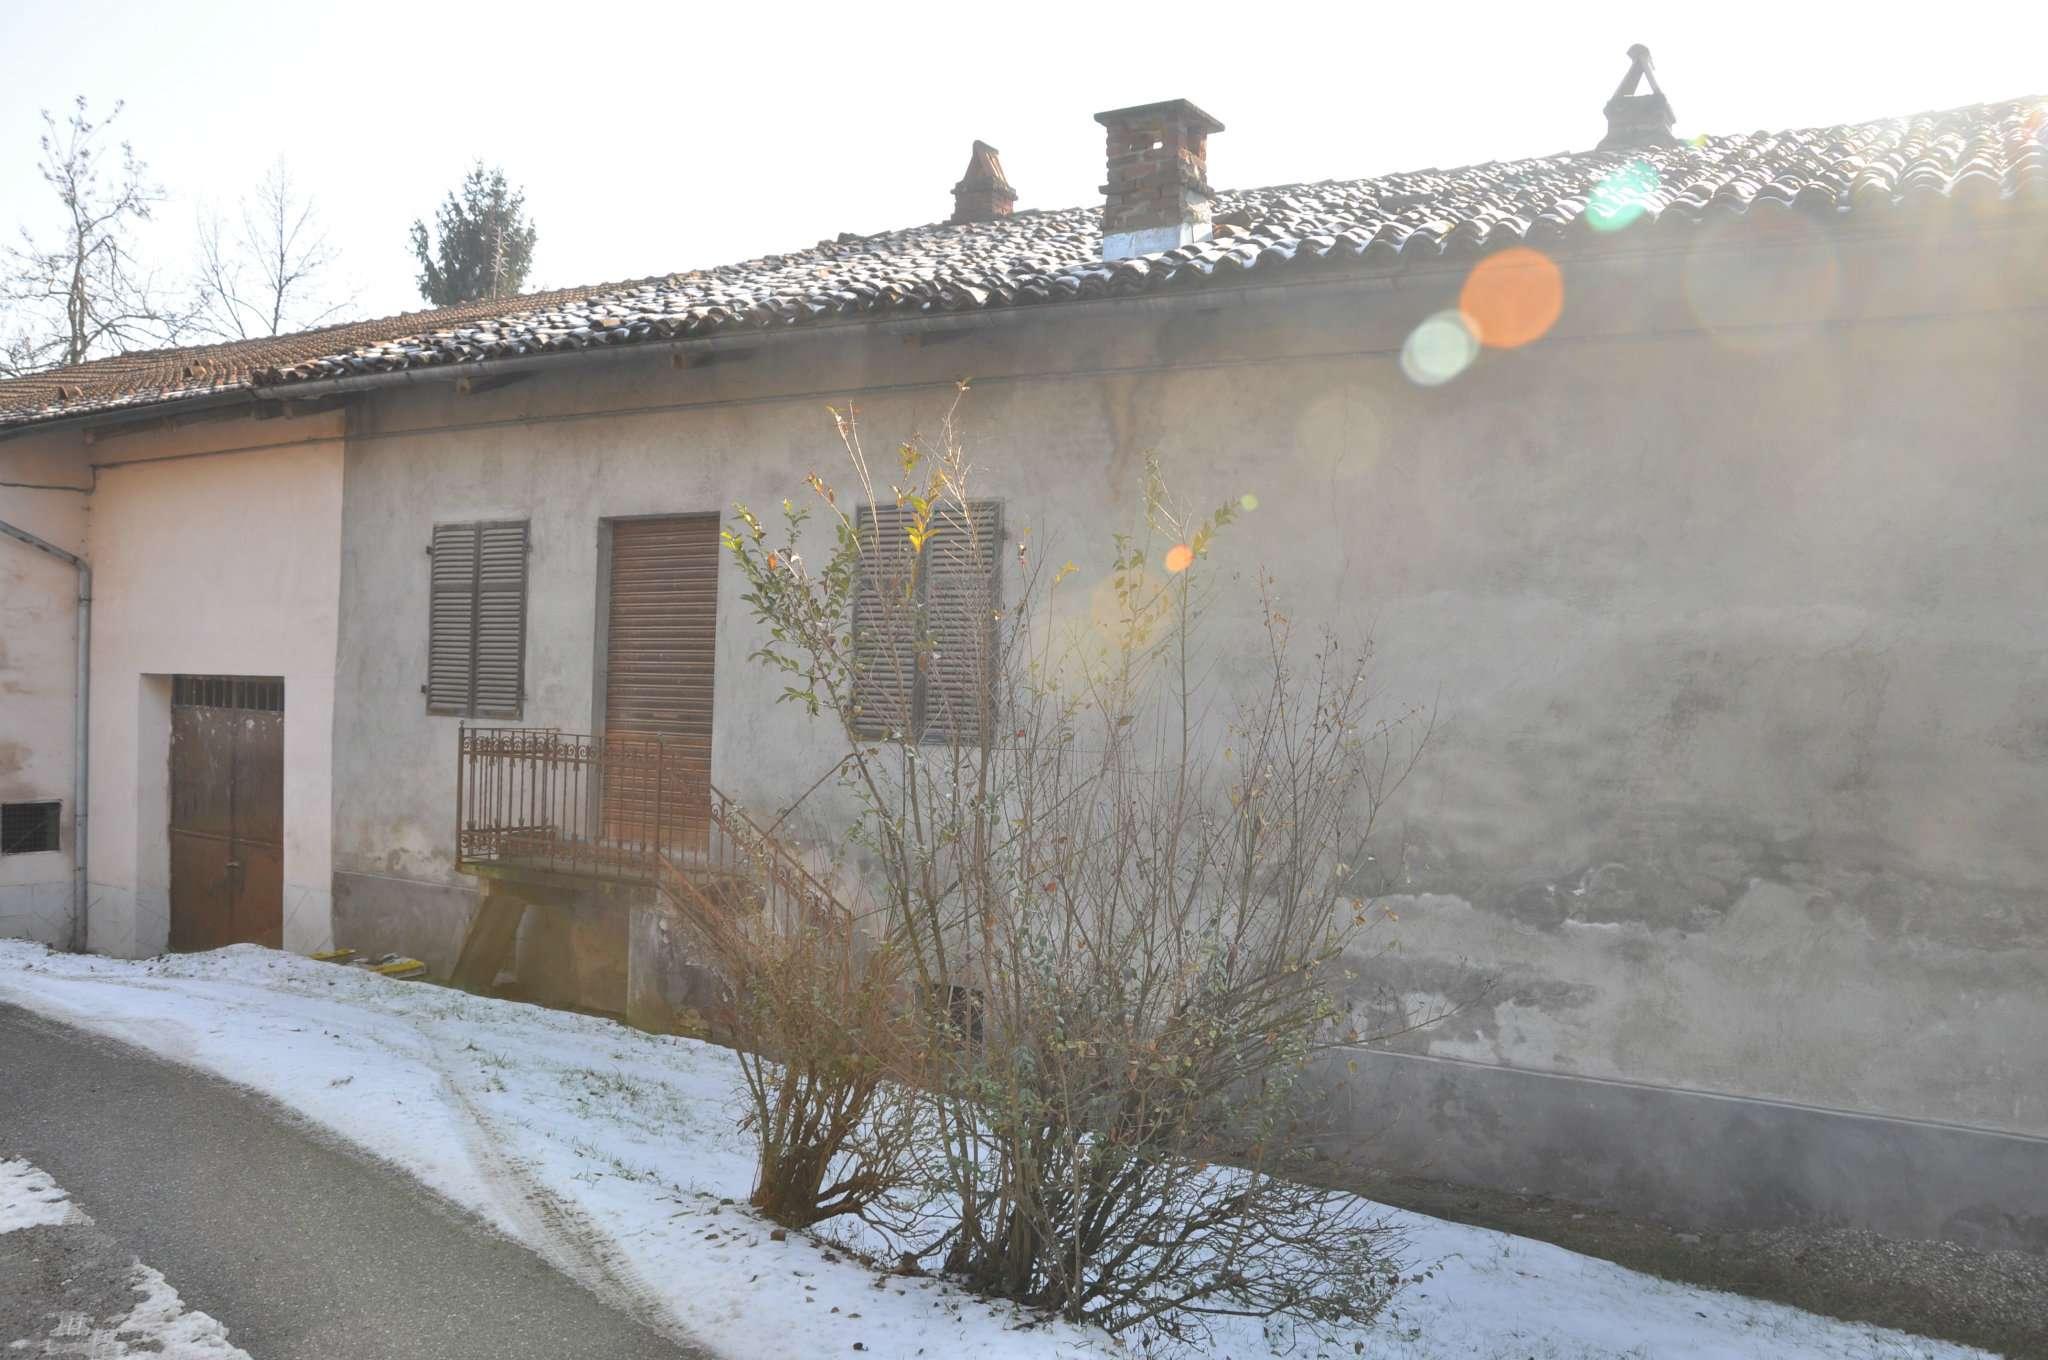 Rustico / Casale in vendita a Cinzano, 9999 locali, prezzo € 400.000 | Cambio Casa.it